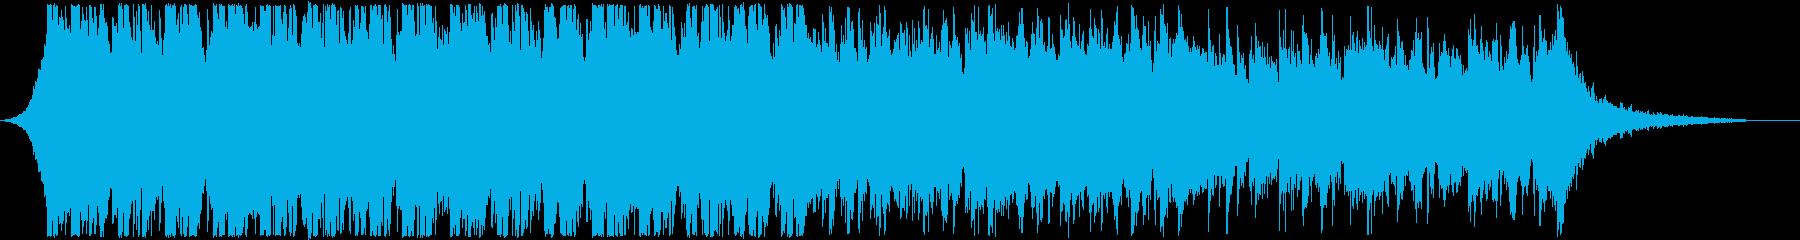 スタイリッシュで清涼感のあるエレクトロの再生済みの波形